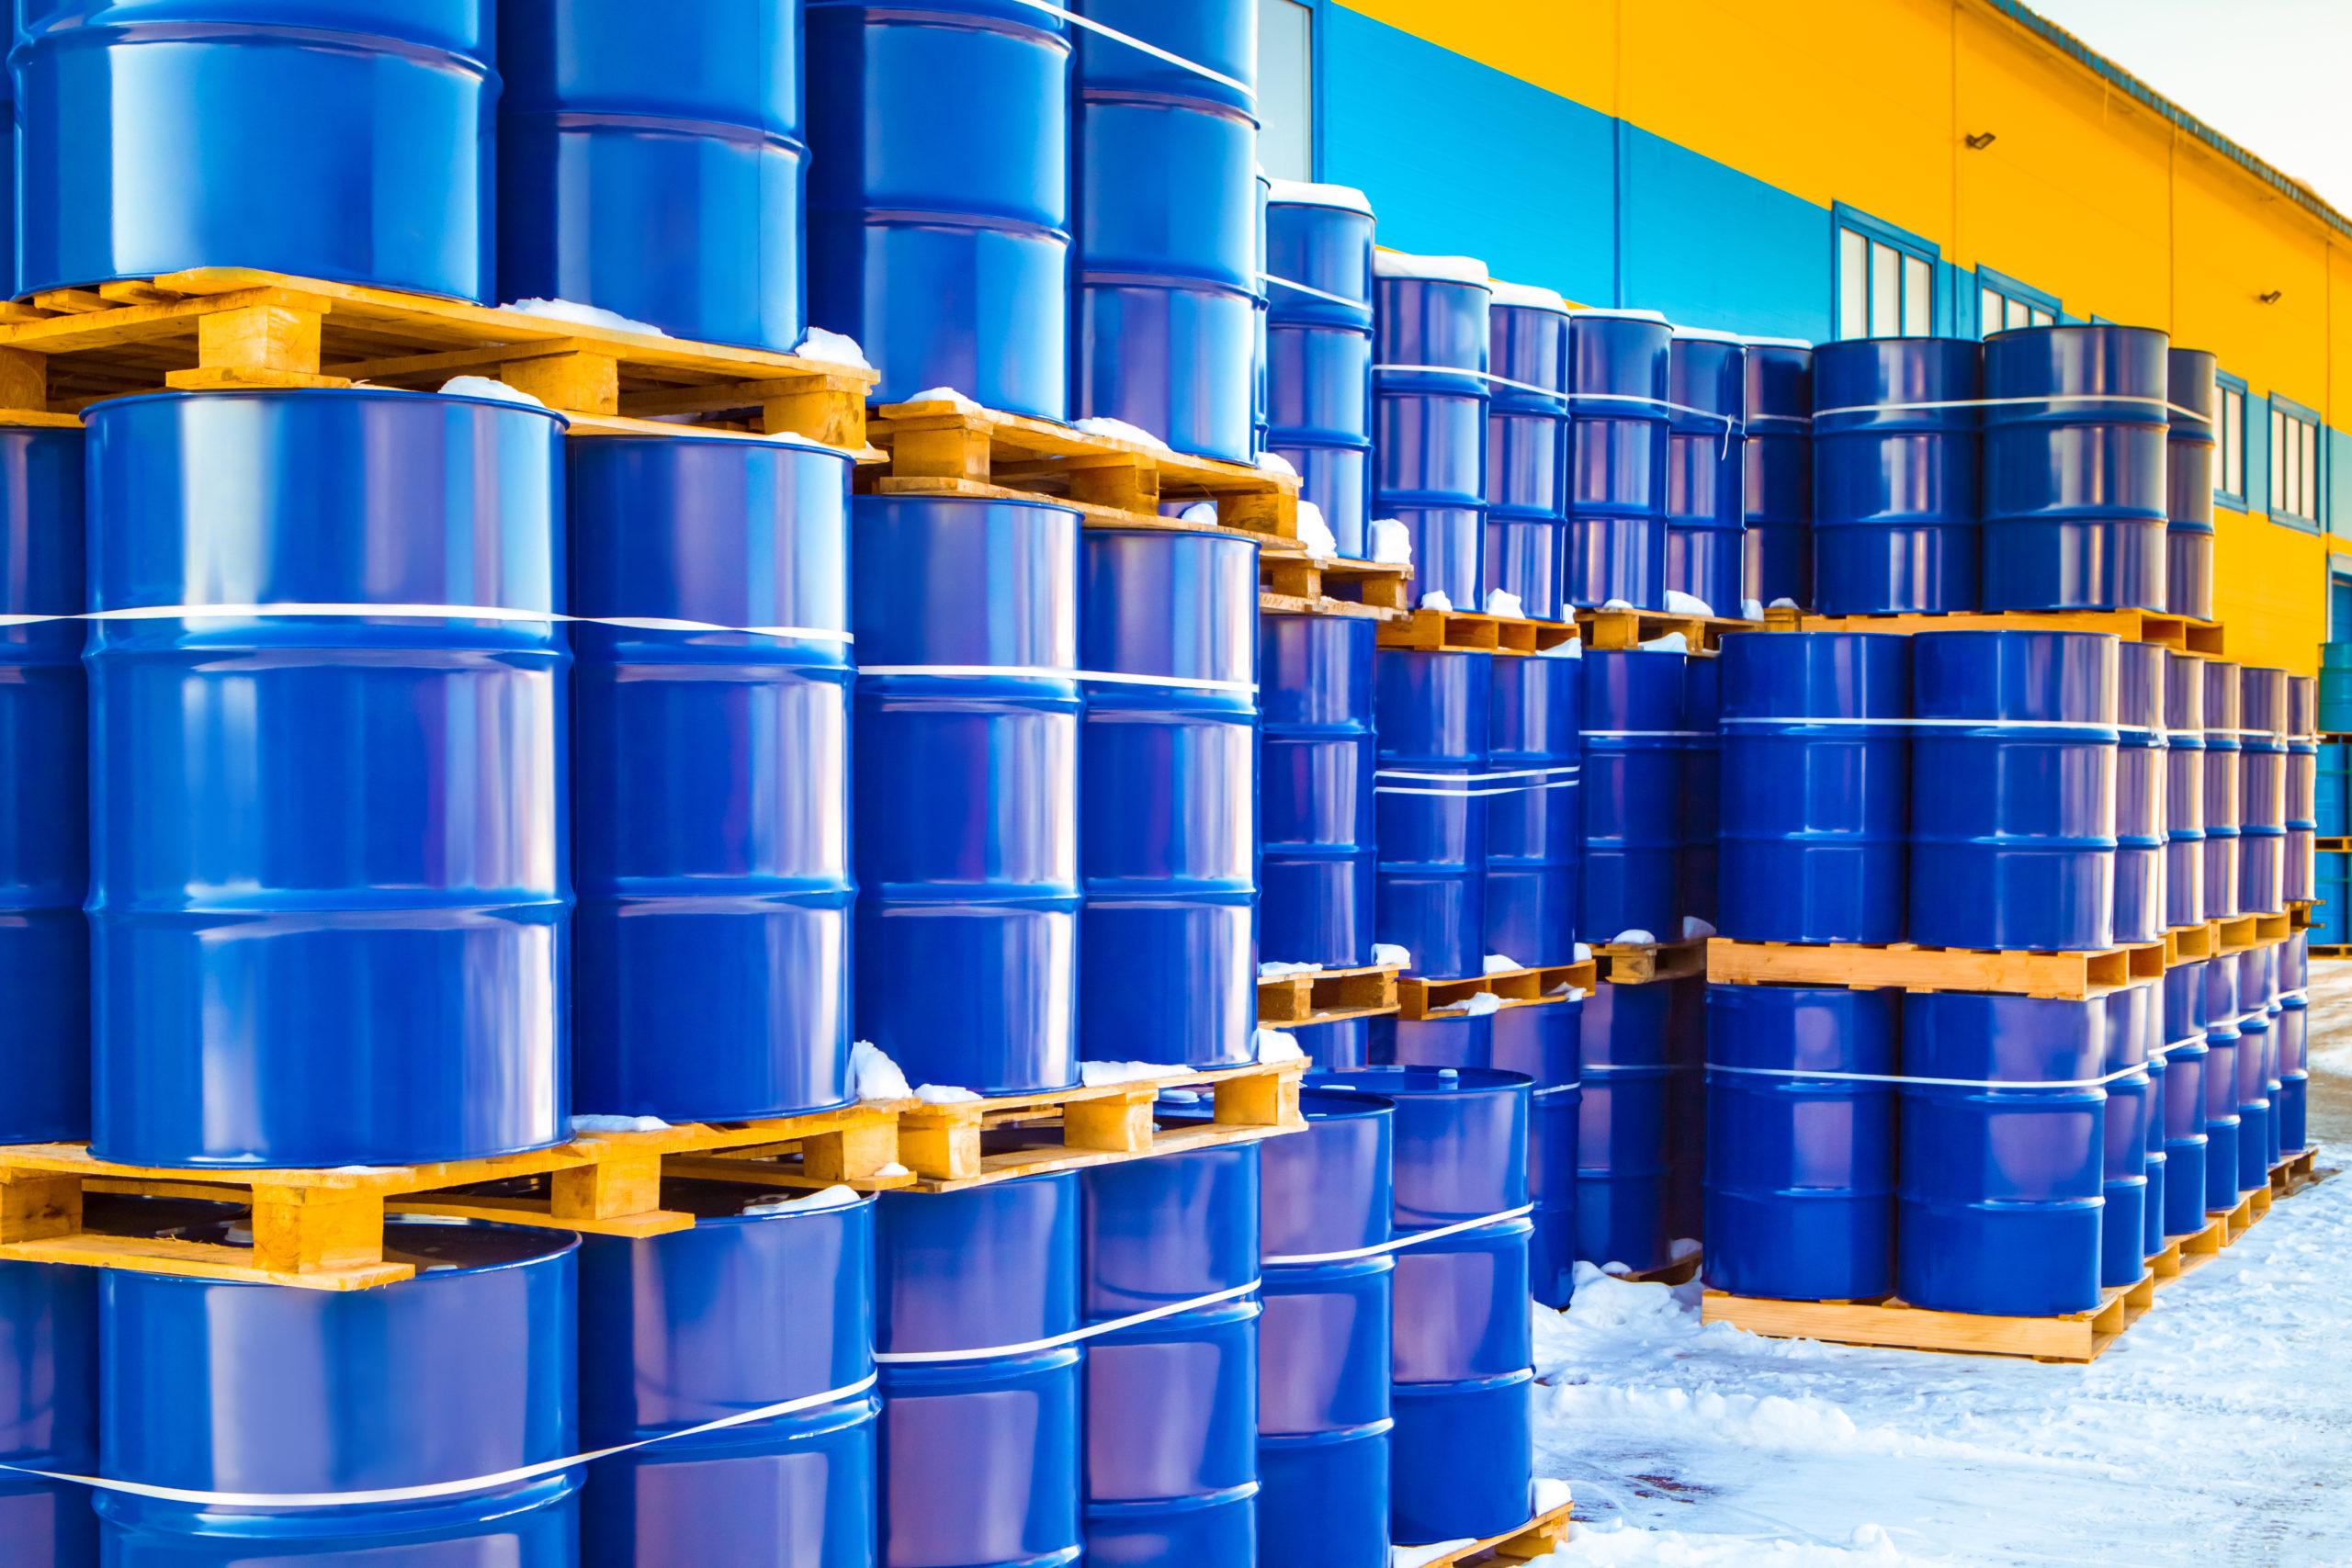 Gefahrstoffmanagement: Der richtige Umgang mit Gefahrstoffen